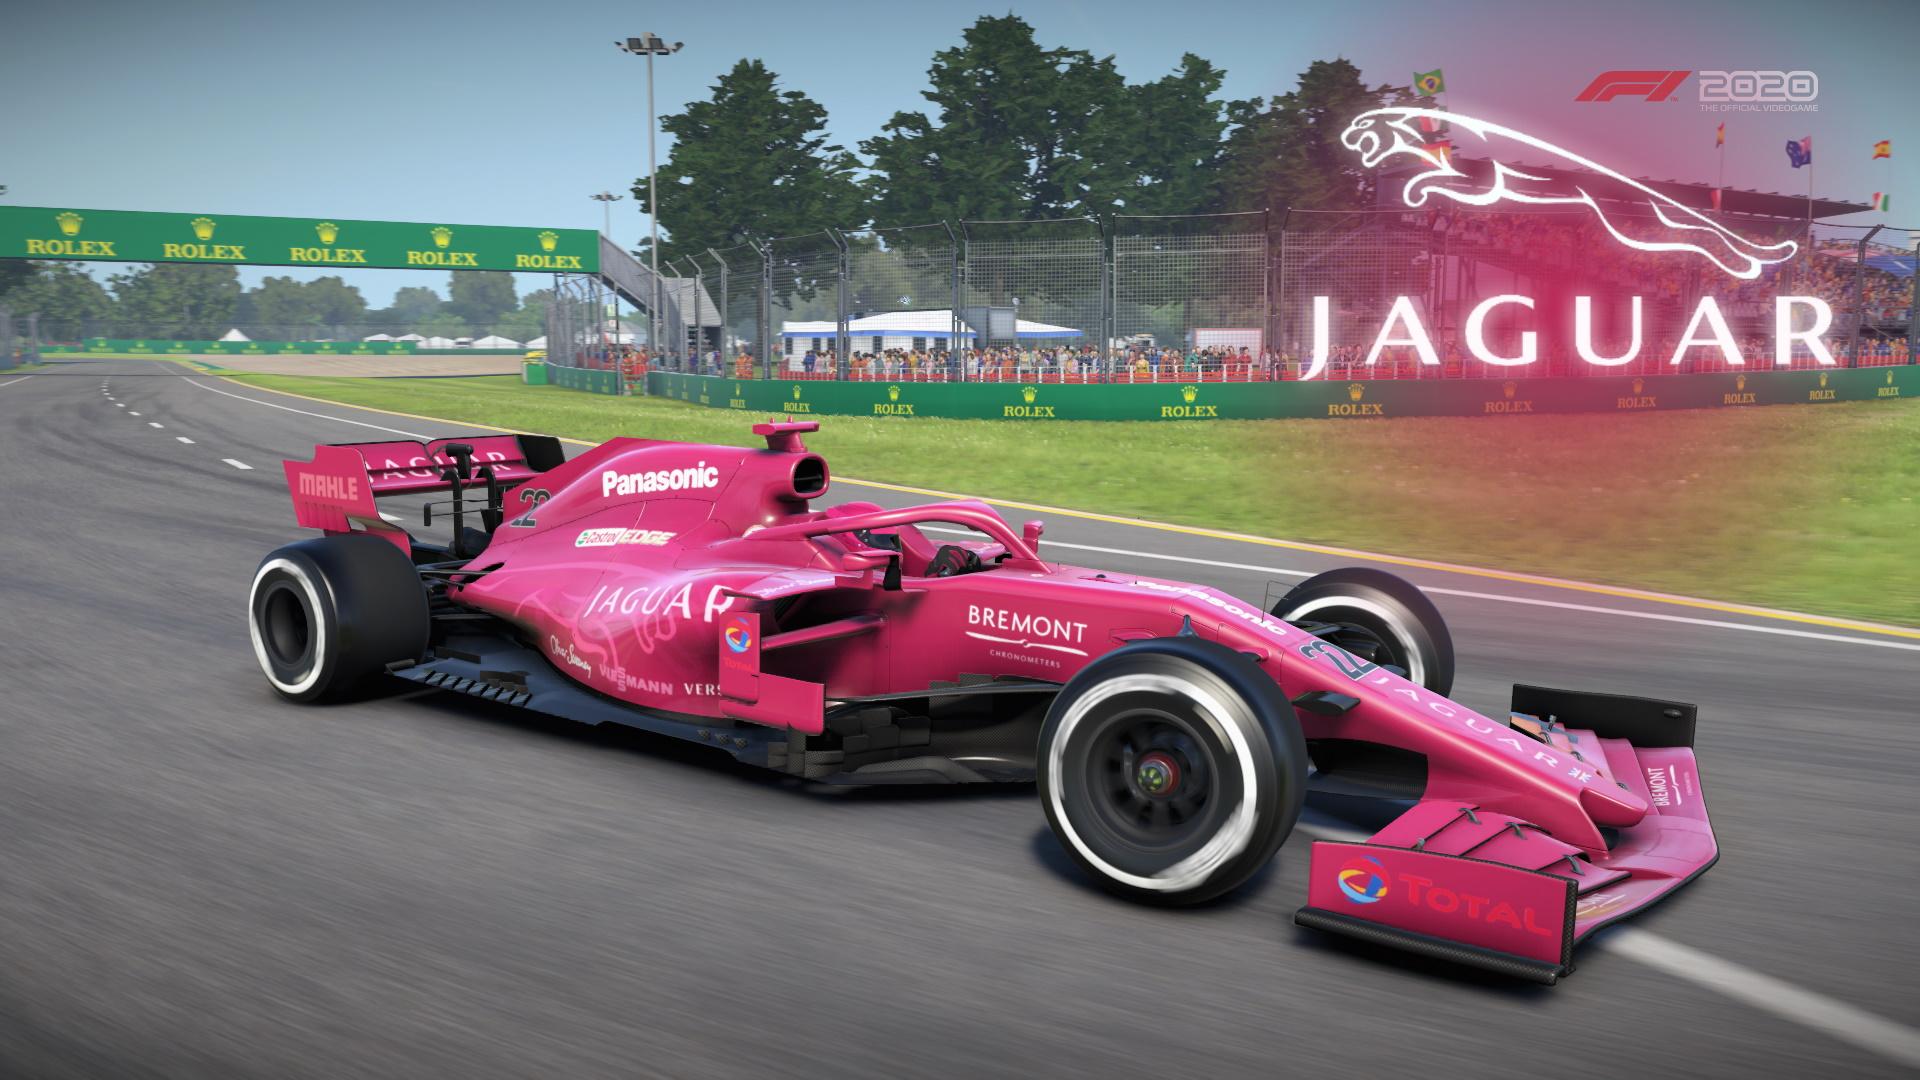 F1 2020 - DX12 Screenshot 2020.10.17 - 13.03.23.14.jpg